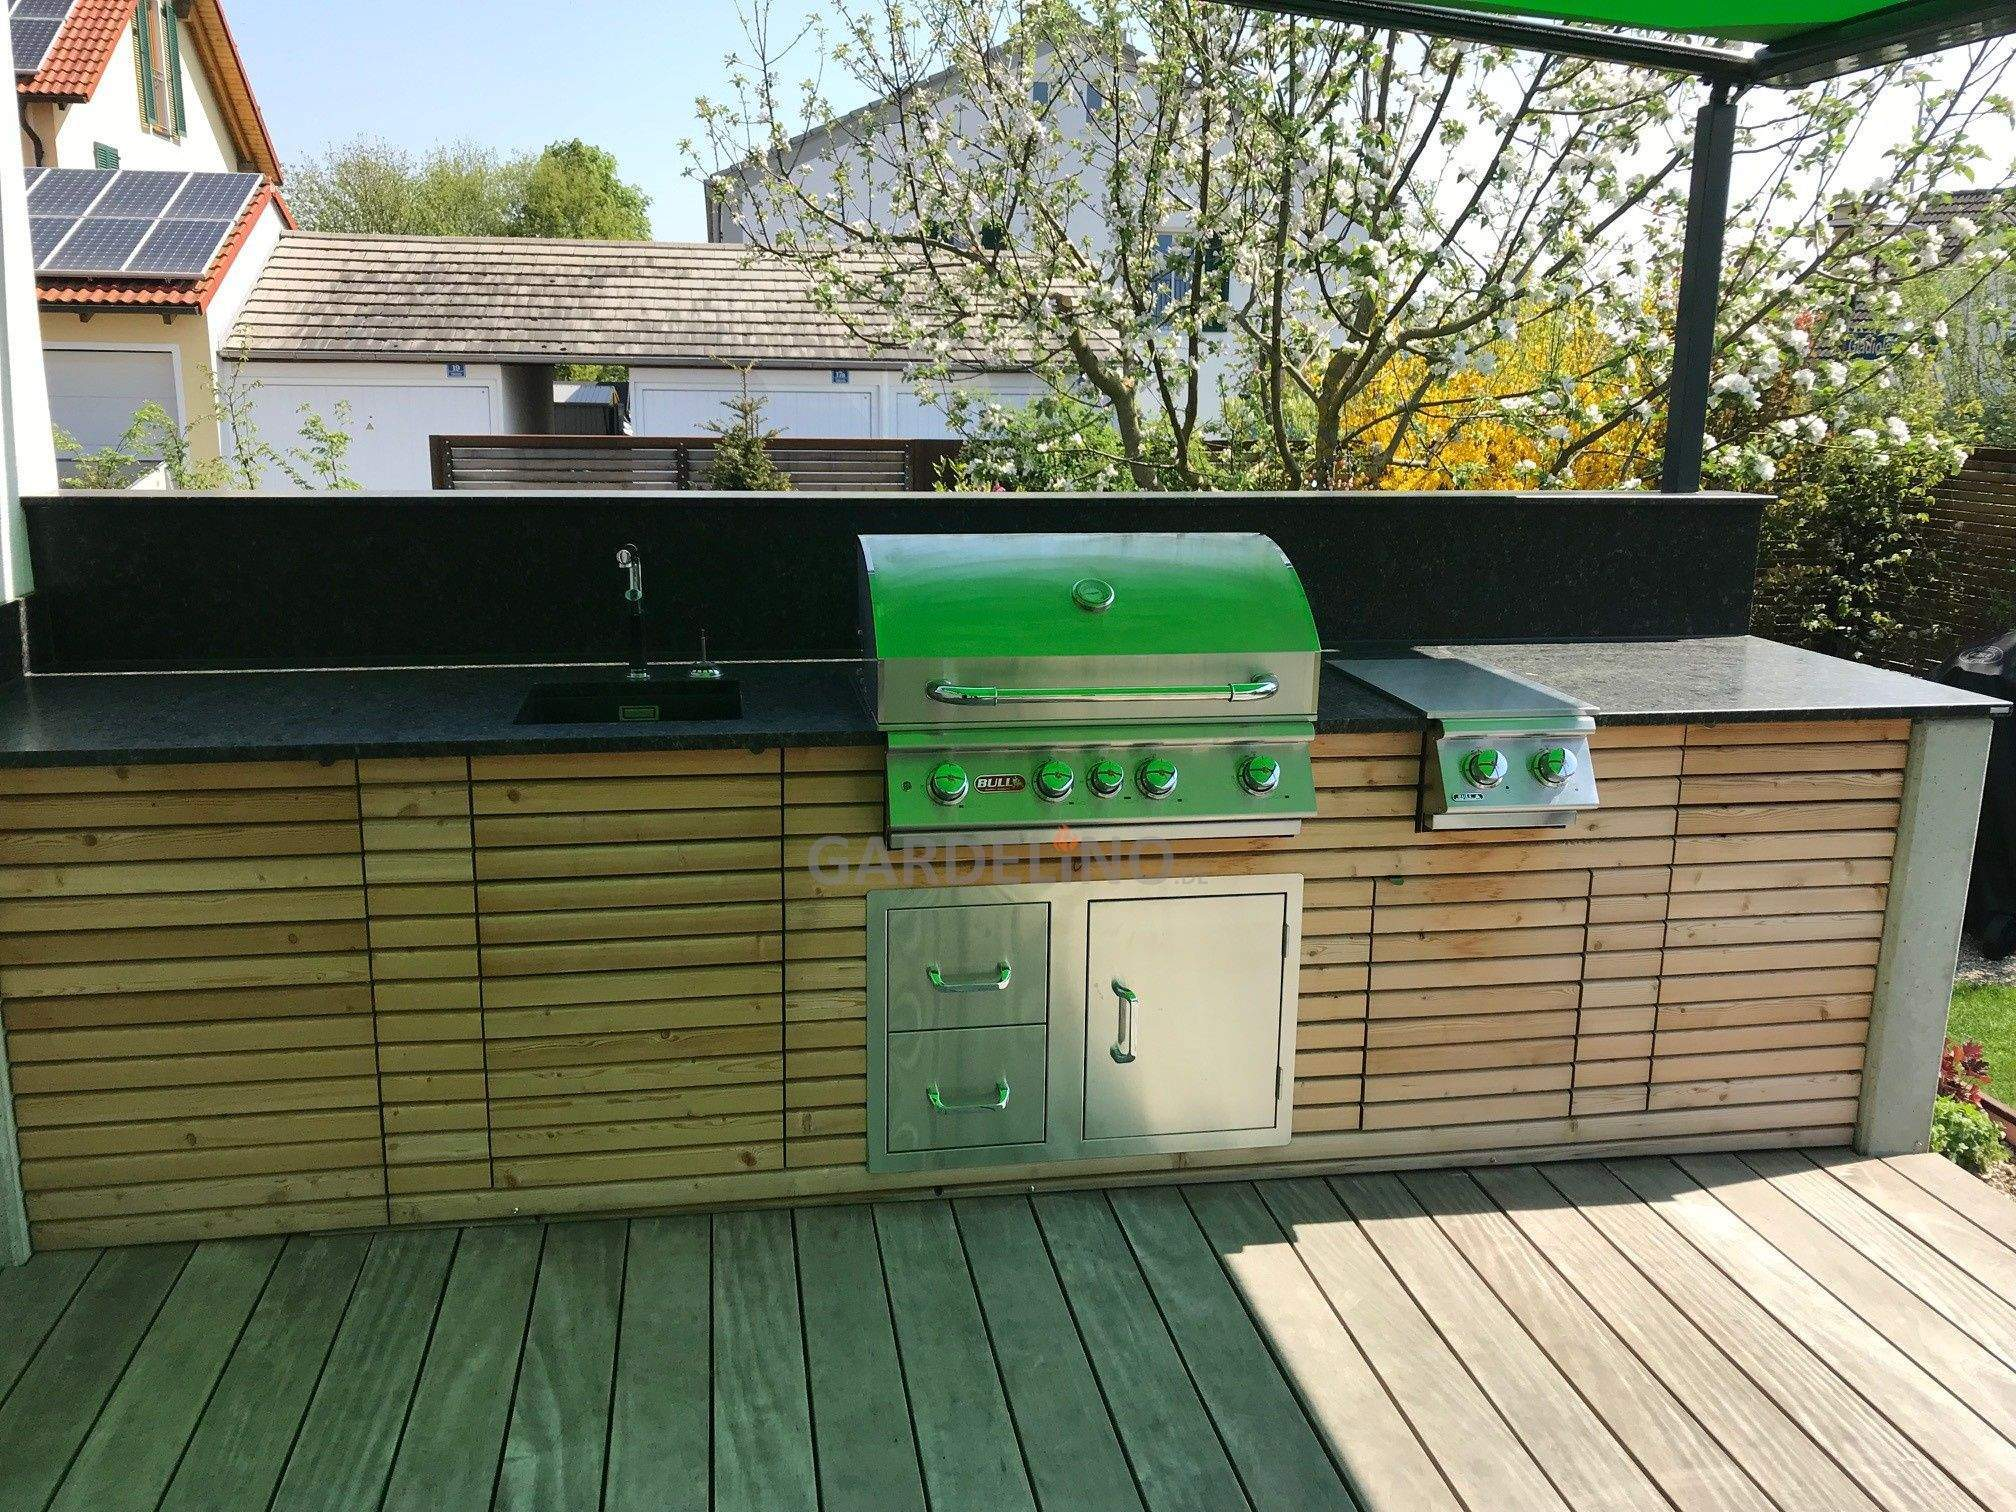 grillplatz im garten selber bauen einzigartig inspiration outdoorkuche aus holz mit bull bbq grill und of grillplatz im garten selber bauen